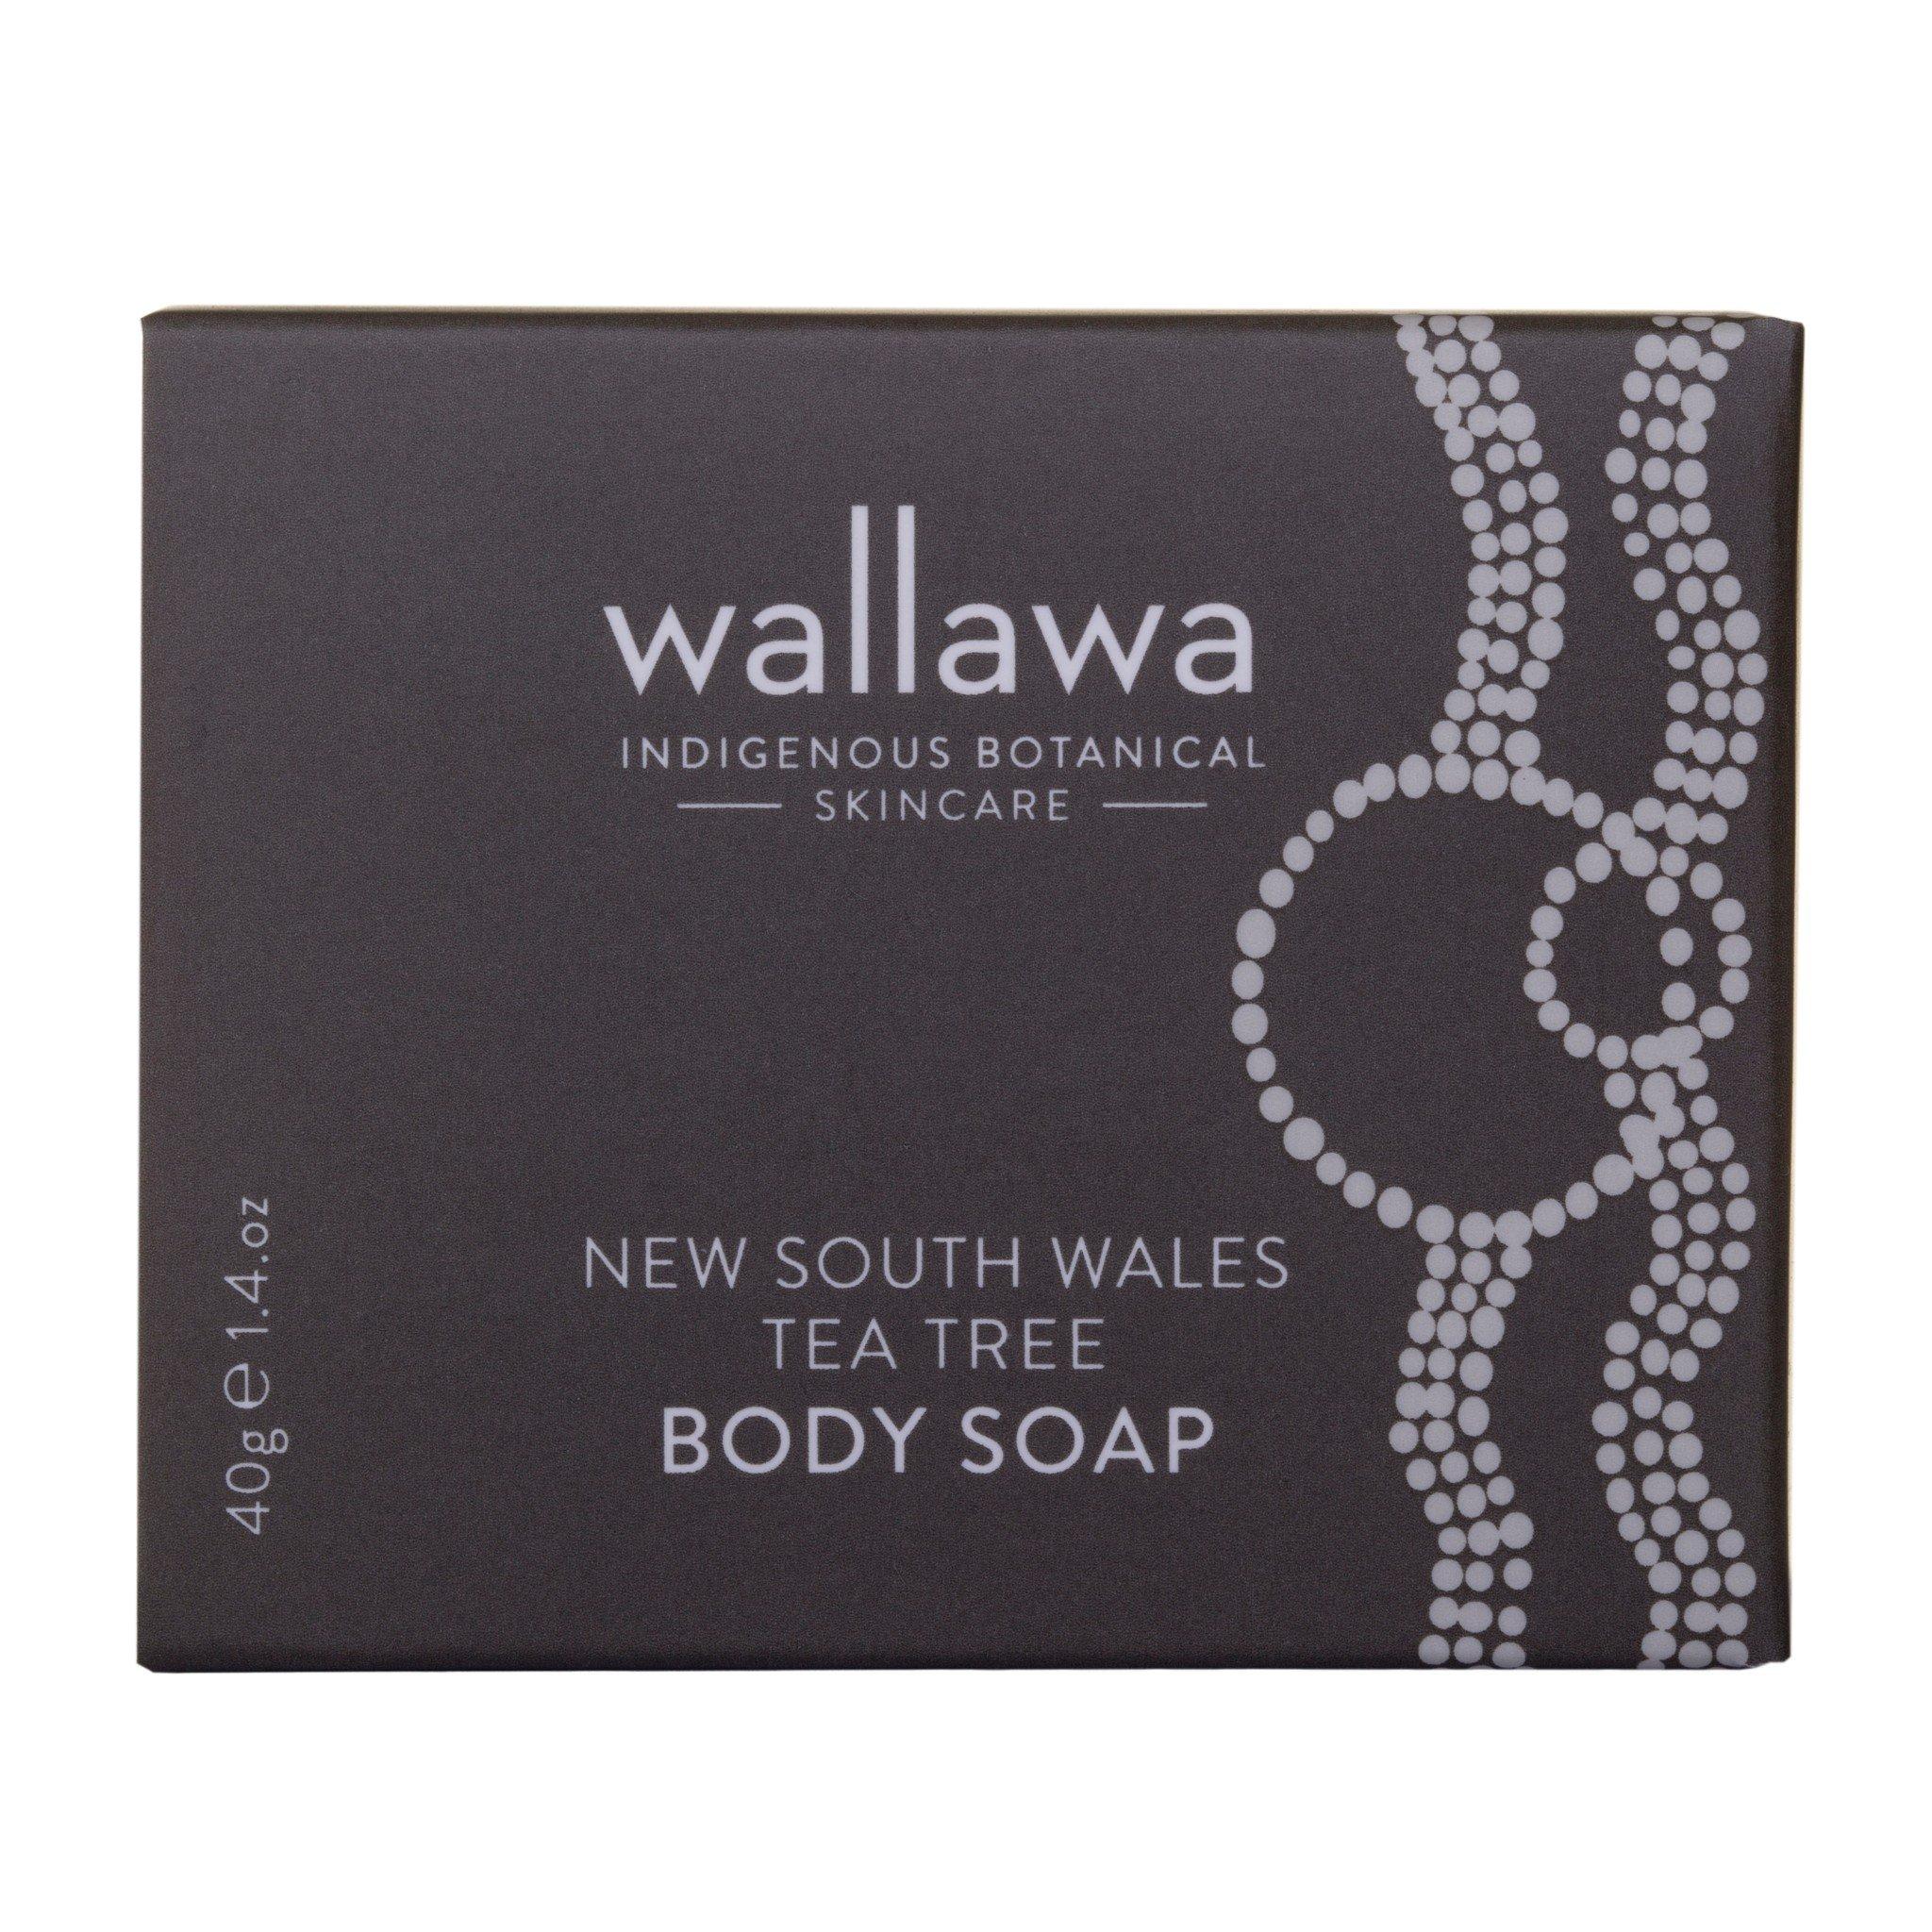 Wallawa 40g Body Soap (348 units)